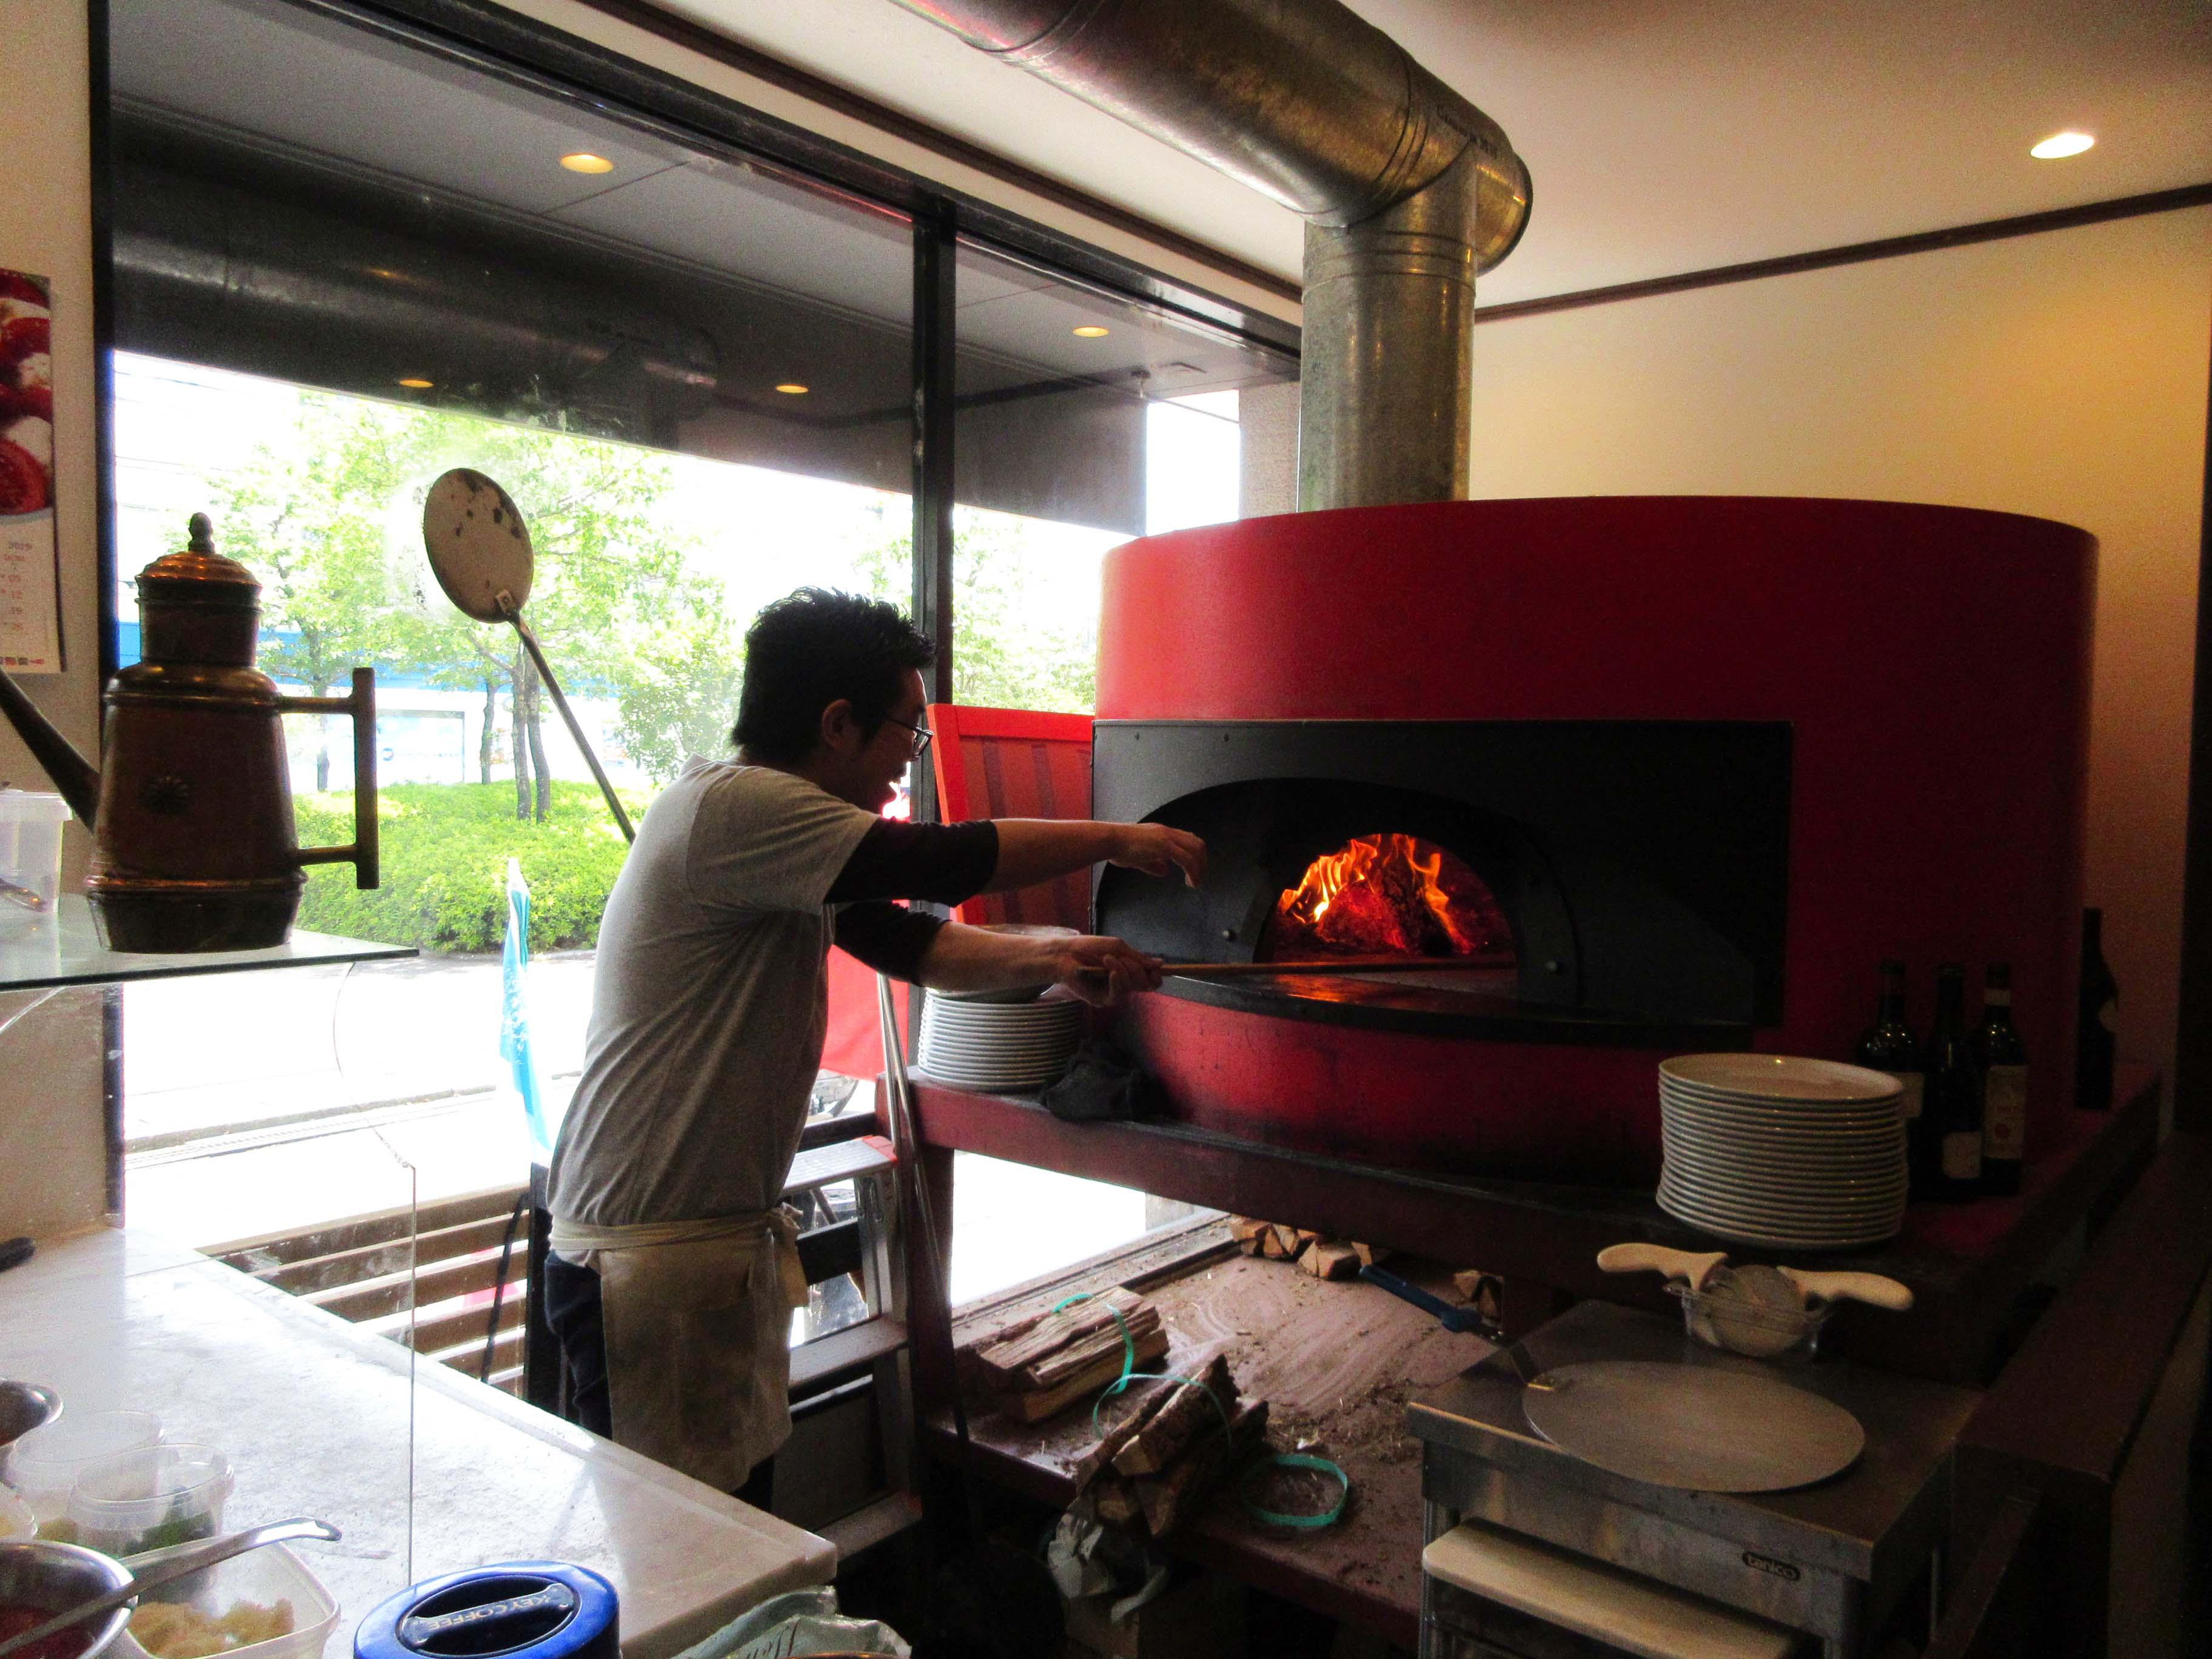 【グルメ】 Pizzeria sorgente ☆ミシュランに掲載されました☆